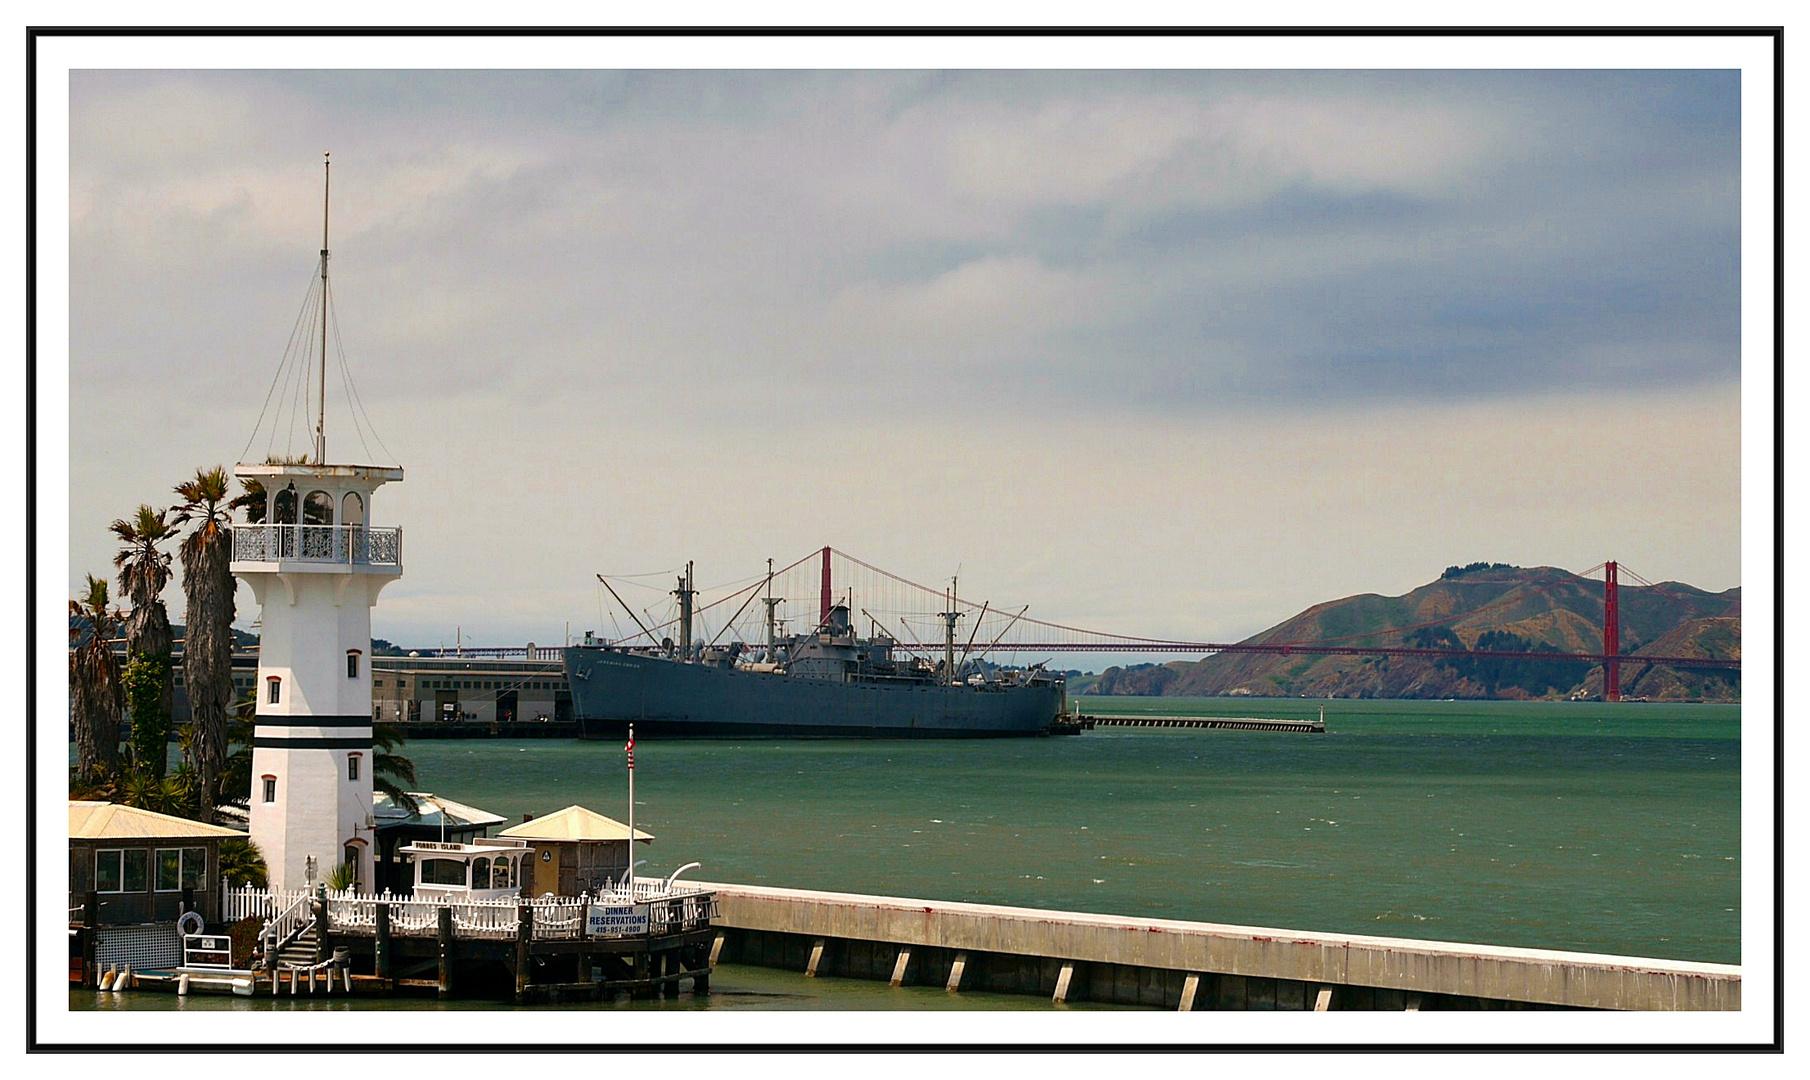 Am Pier 39